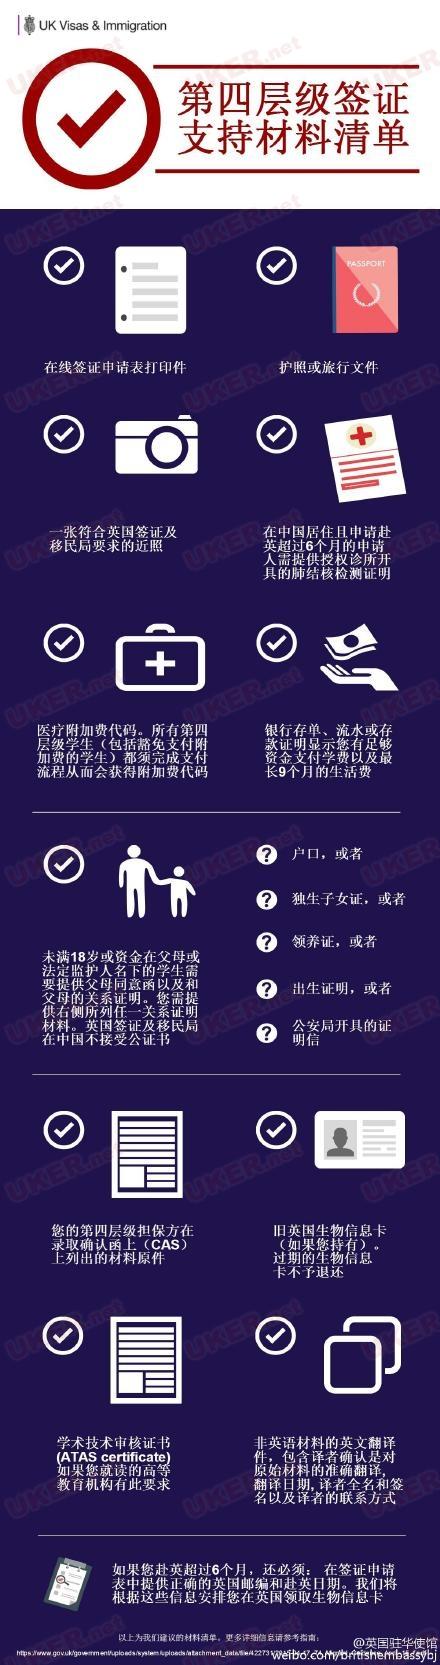 英国驻华使馆发布签证材料须知及签证小提示(图)